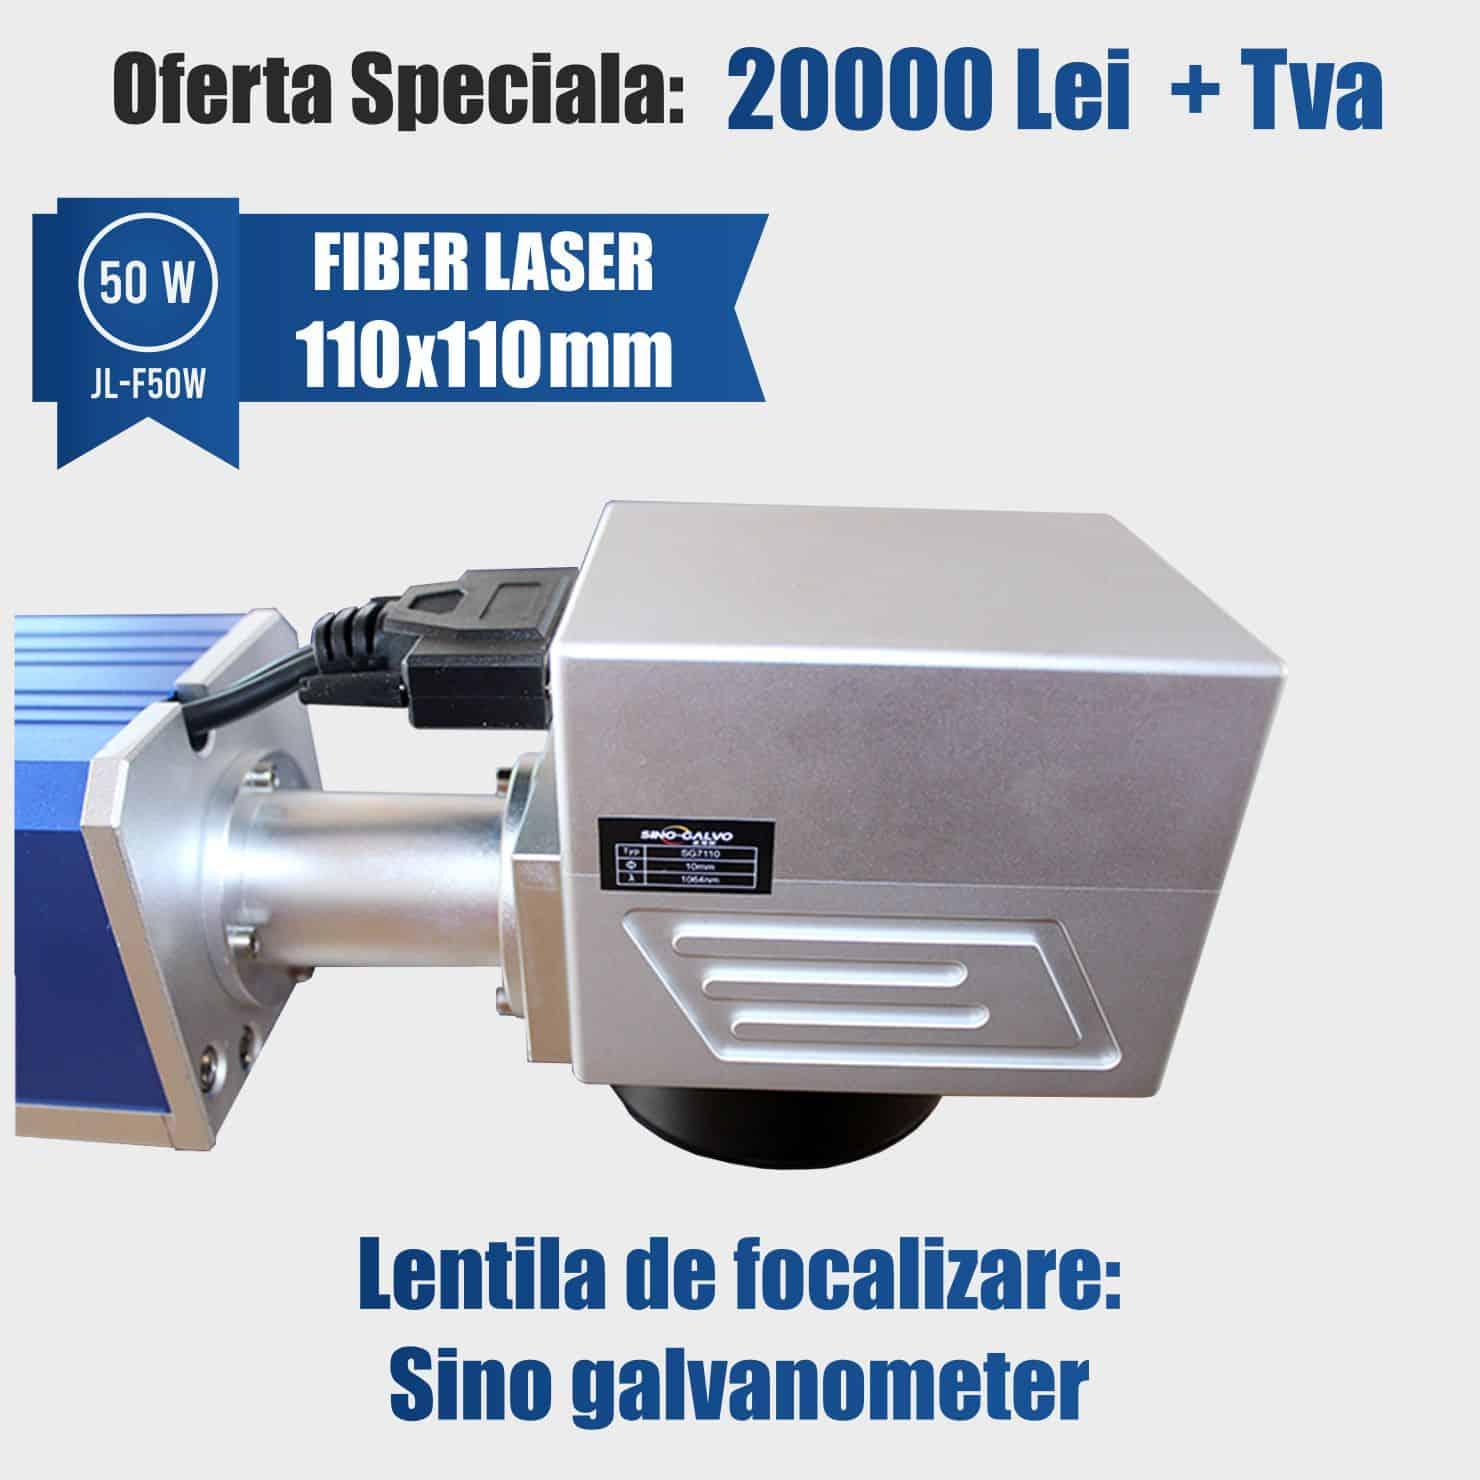 fiber laser 50w desktop